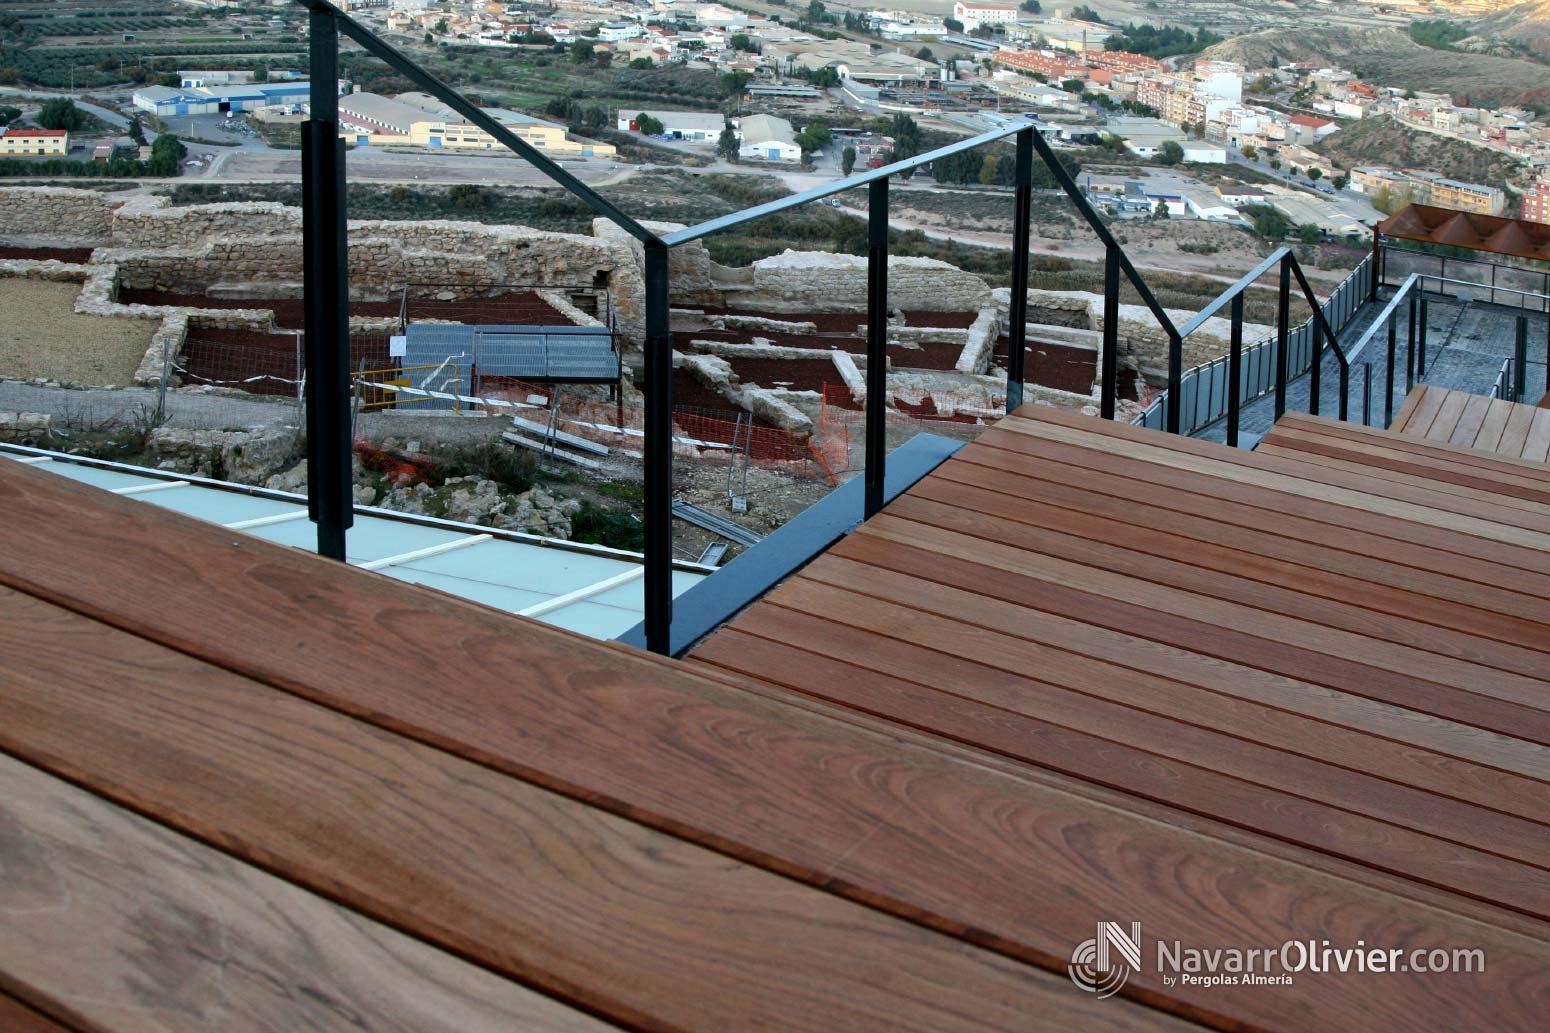 Escalera en madera exotica para parador tur stico de lorca - Escalera madera exterior ...